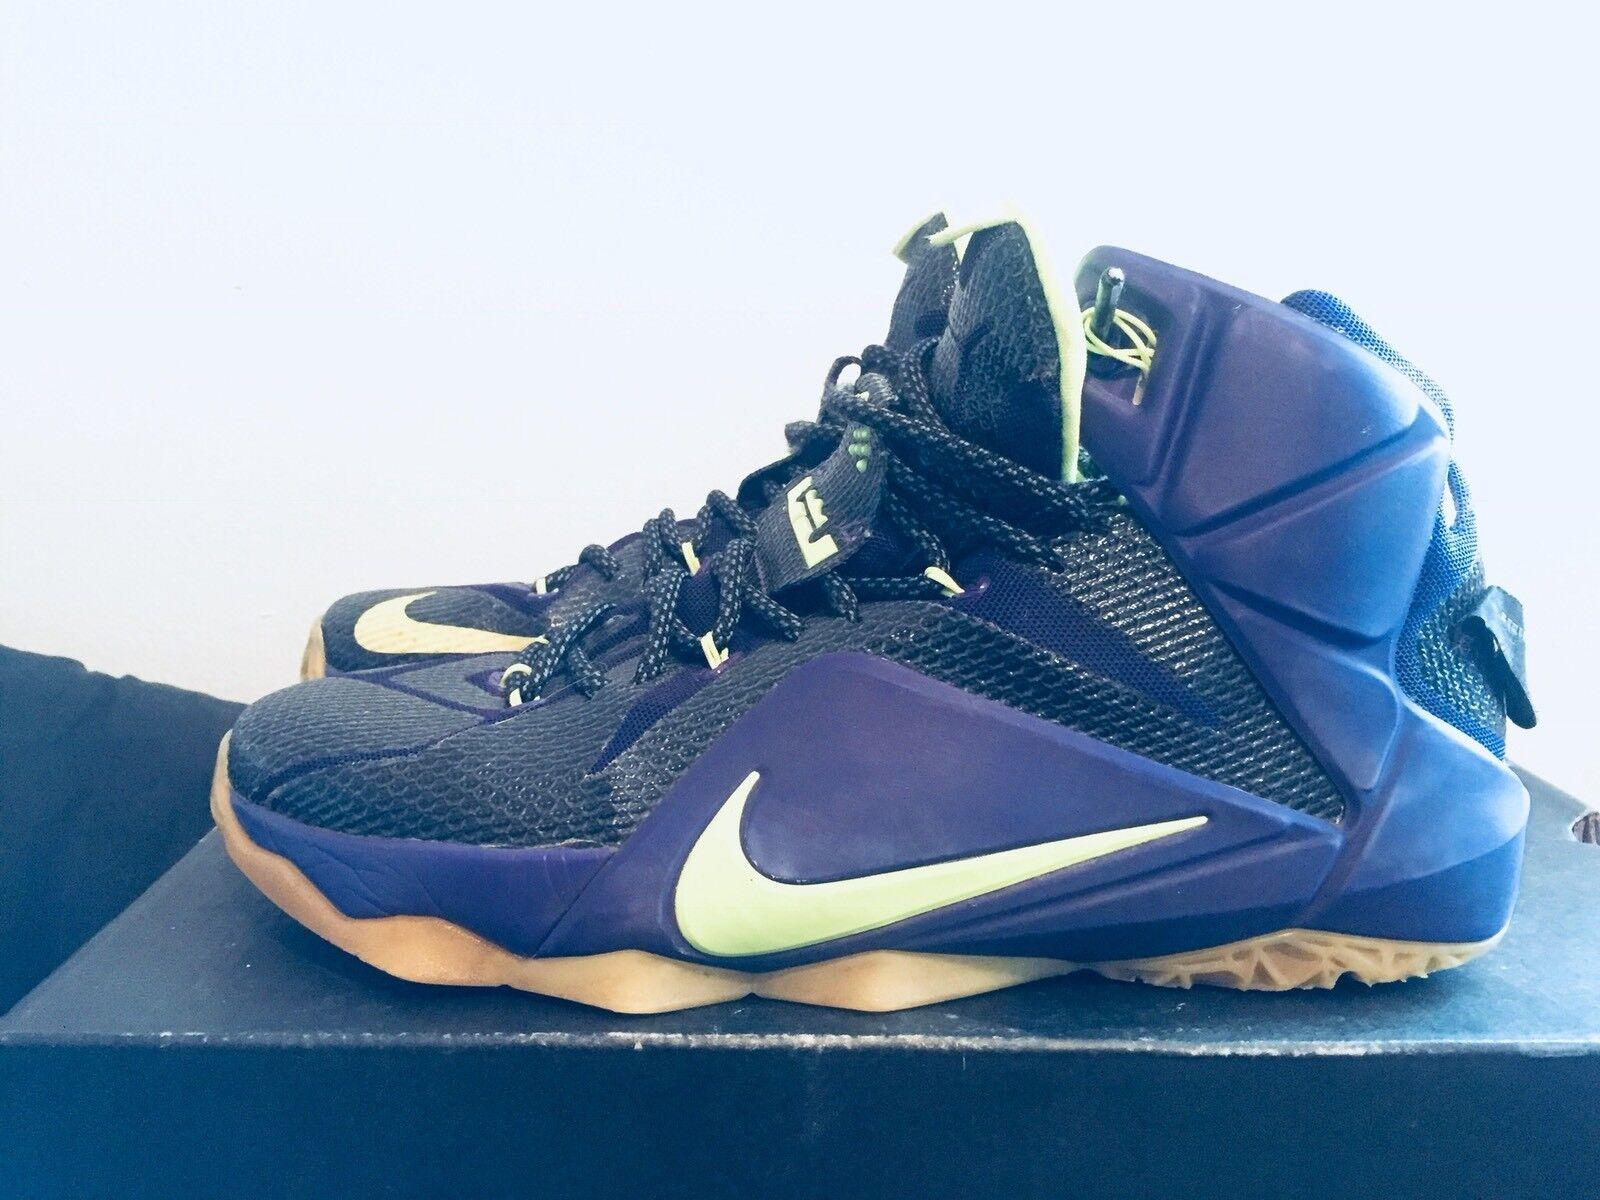 2015 Mens Nike Lebron XII 12 Laker Black Purple Gold White Size 9.5 Used Rare DS